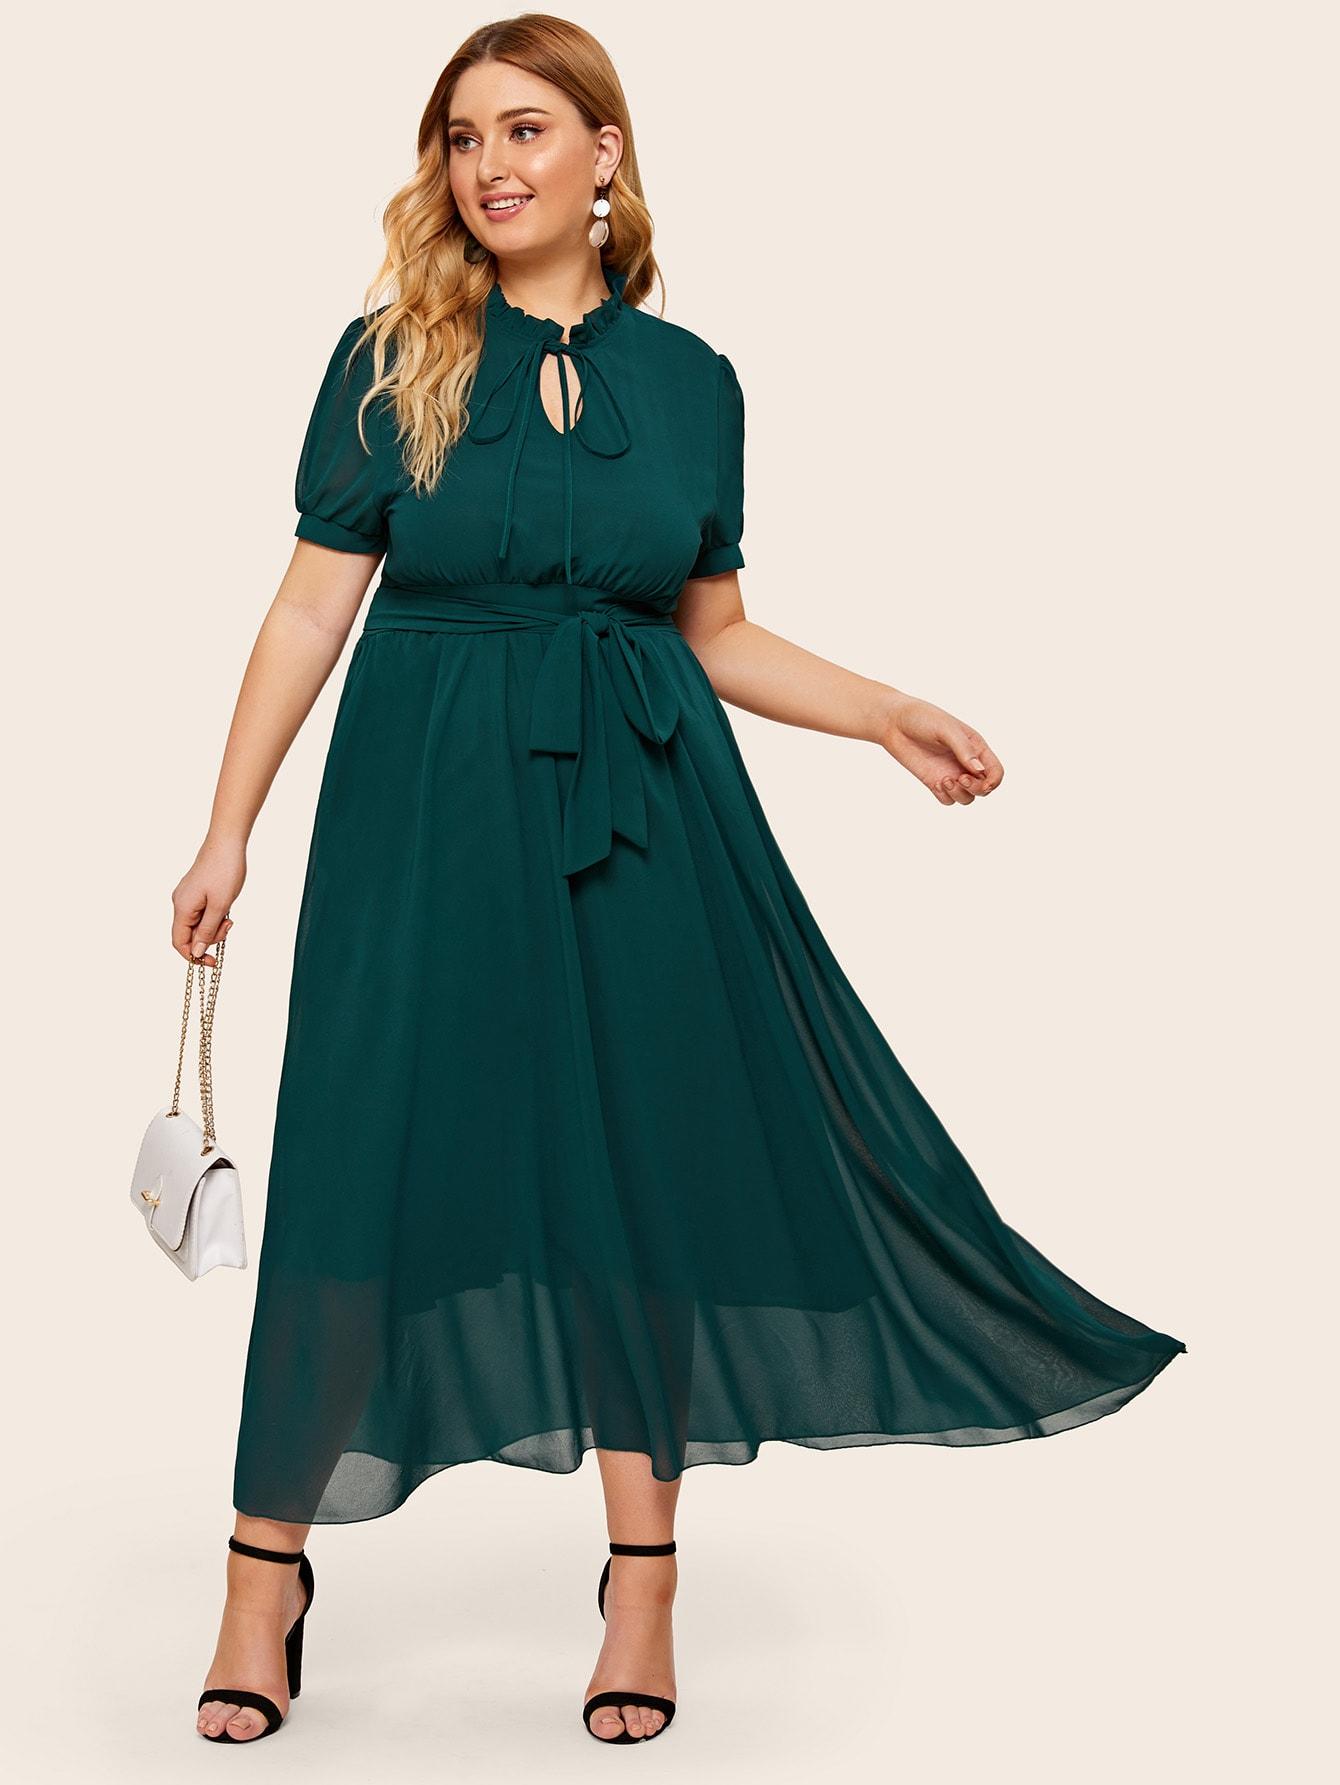 Платье с поясом и завязкой на шее размера плюс